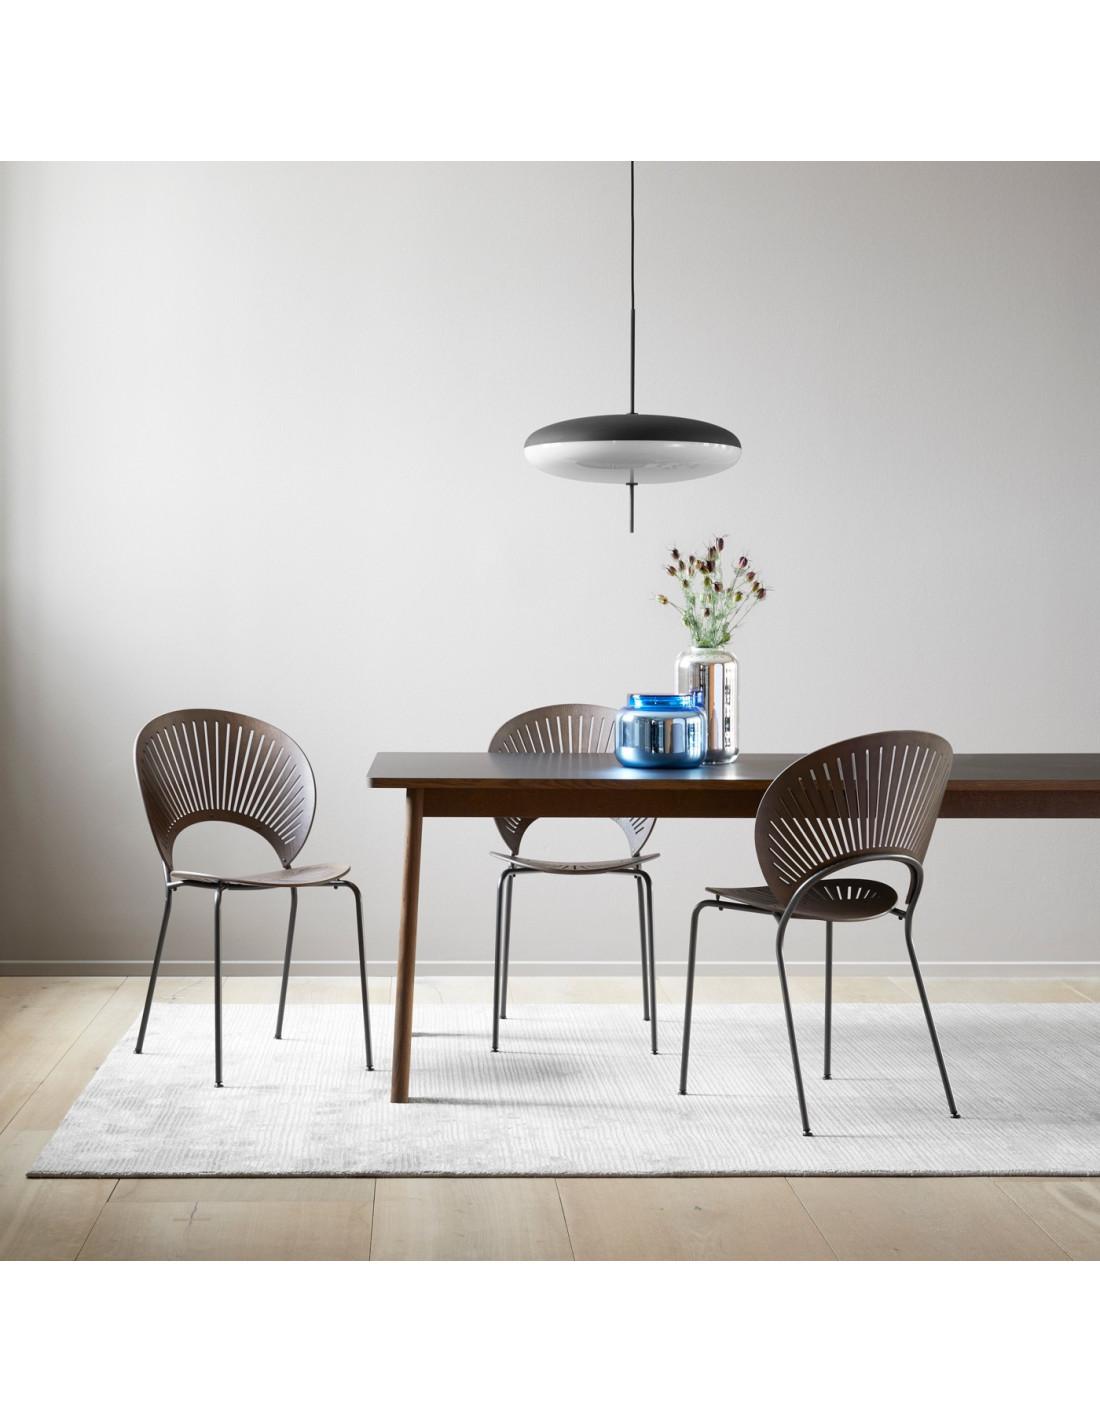 chaise trinidad de nanna ditzel la boutique danoise. Black Bedroom Furniture Sets. Home Design Ideas